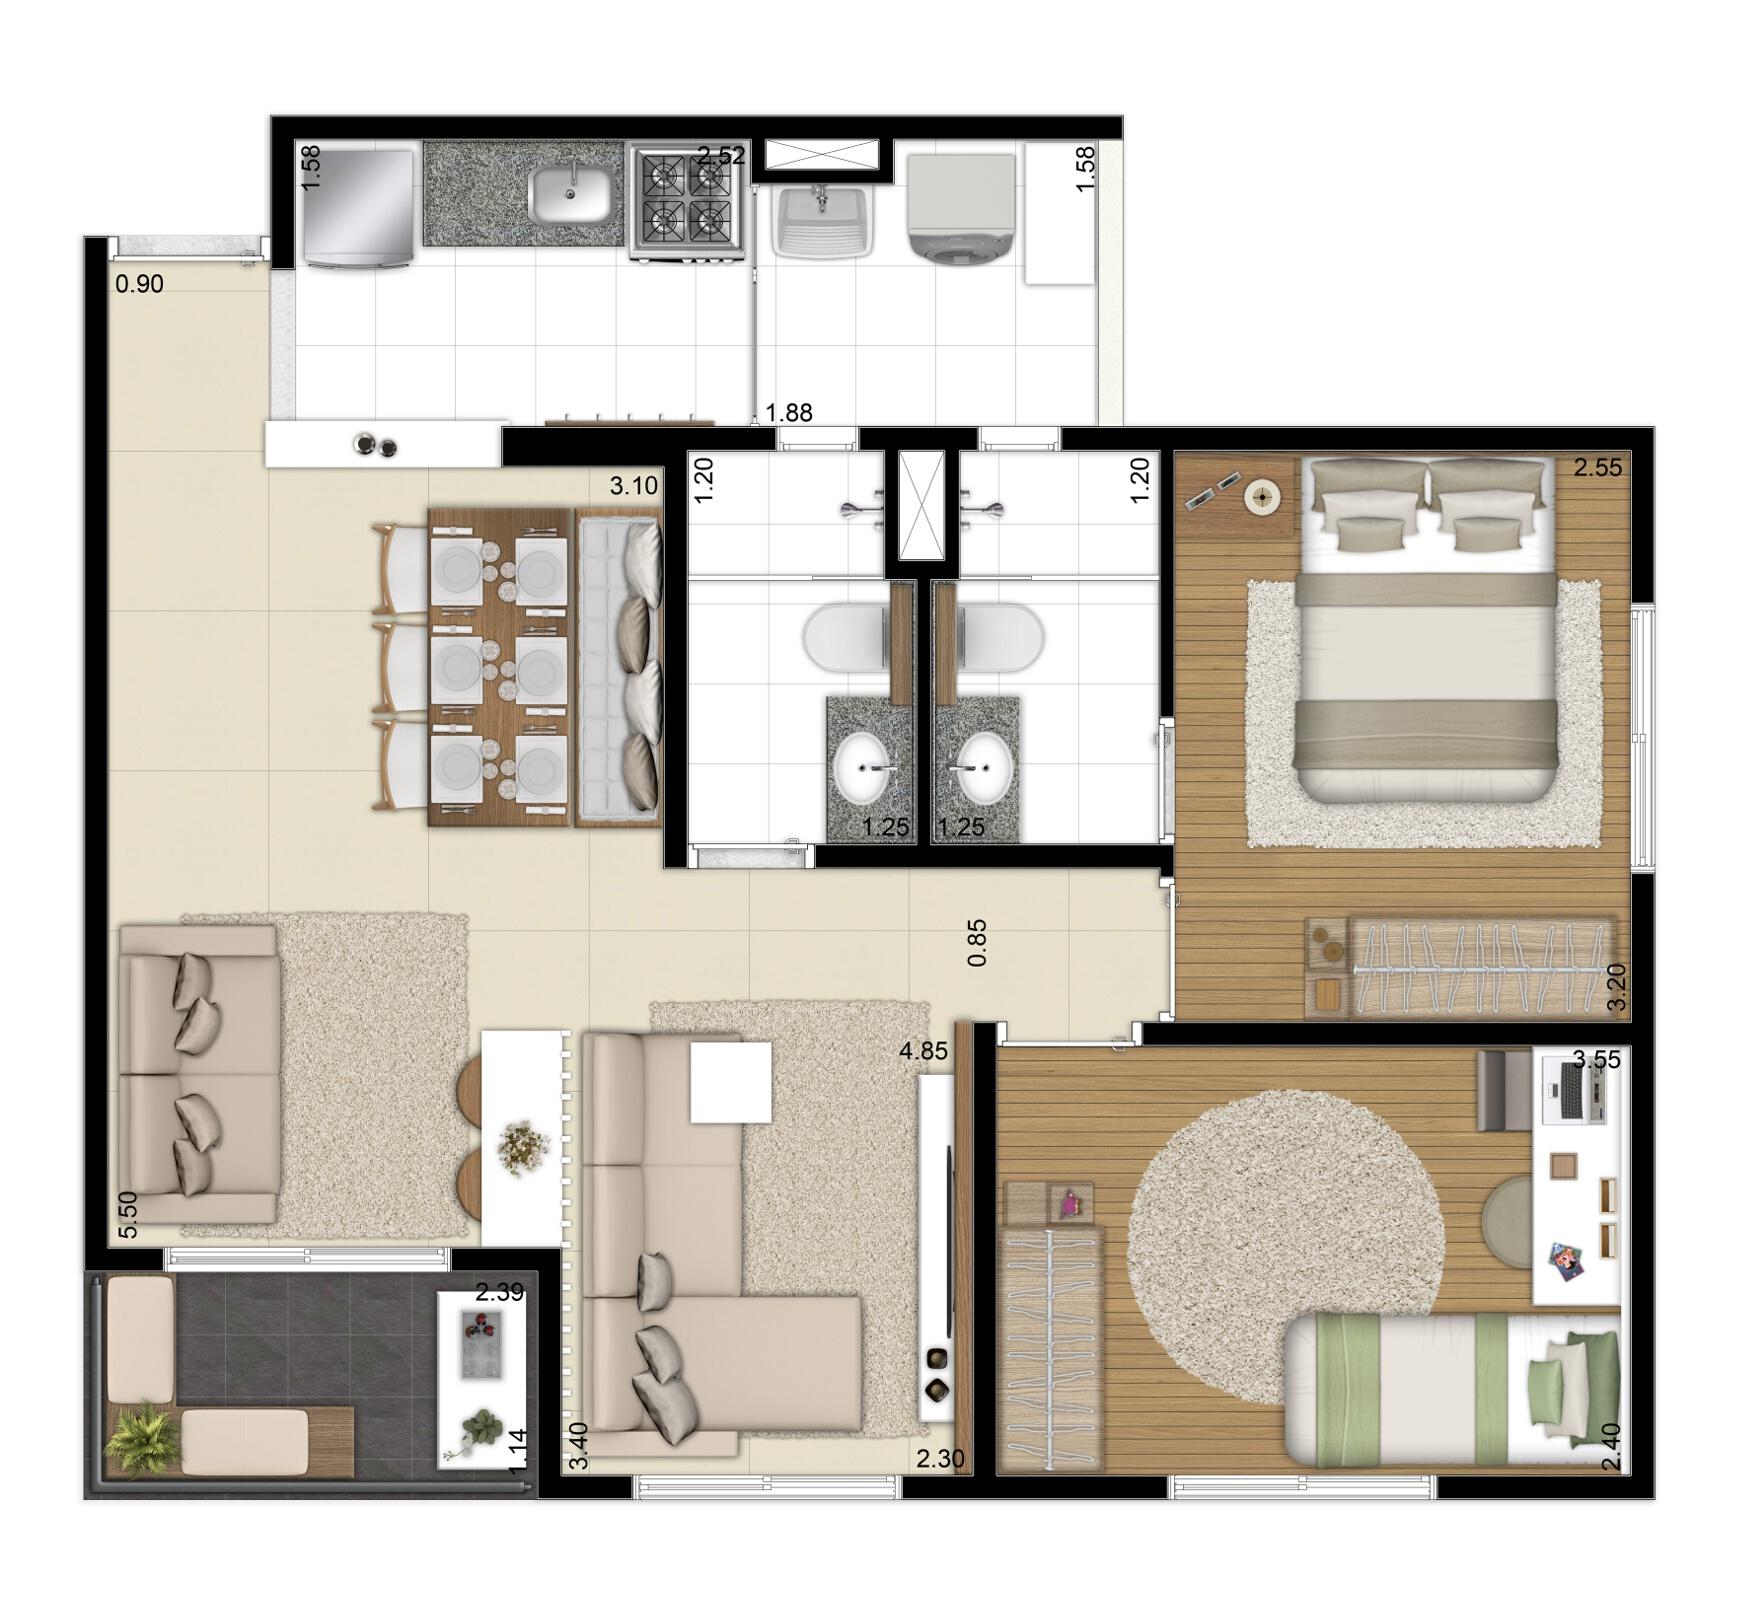 62 m² - Opção living ampliado